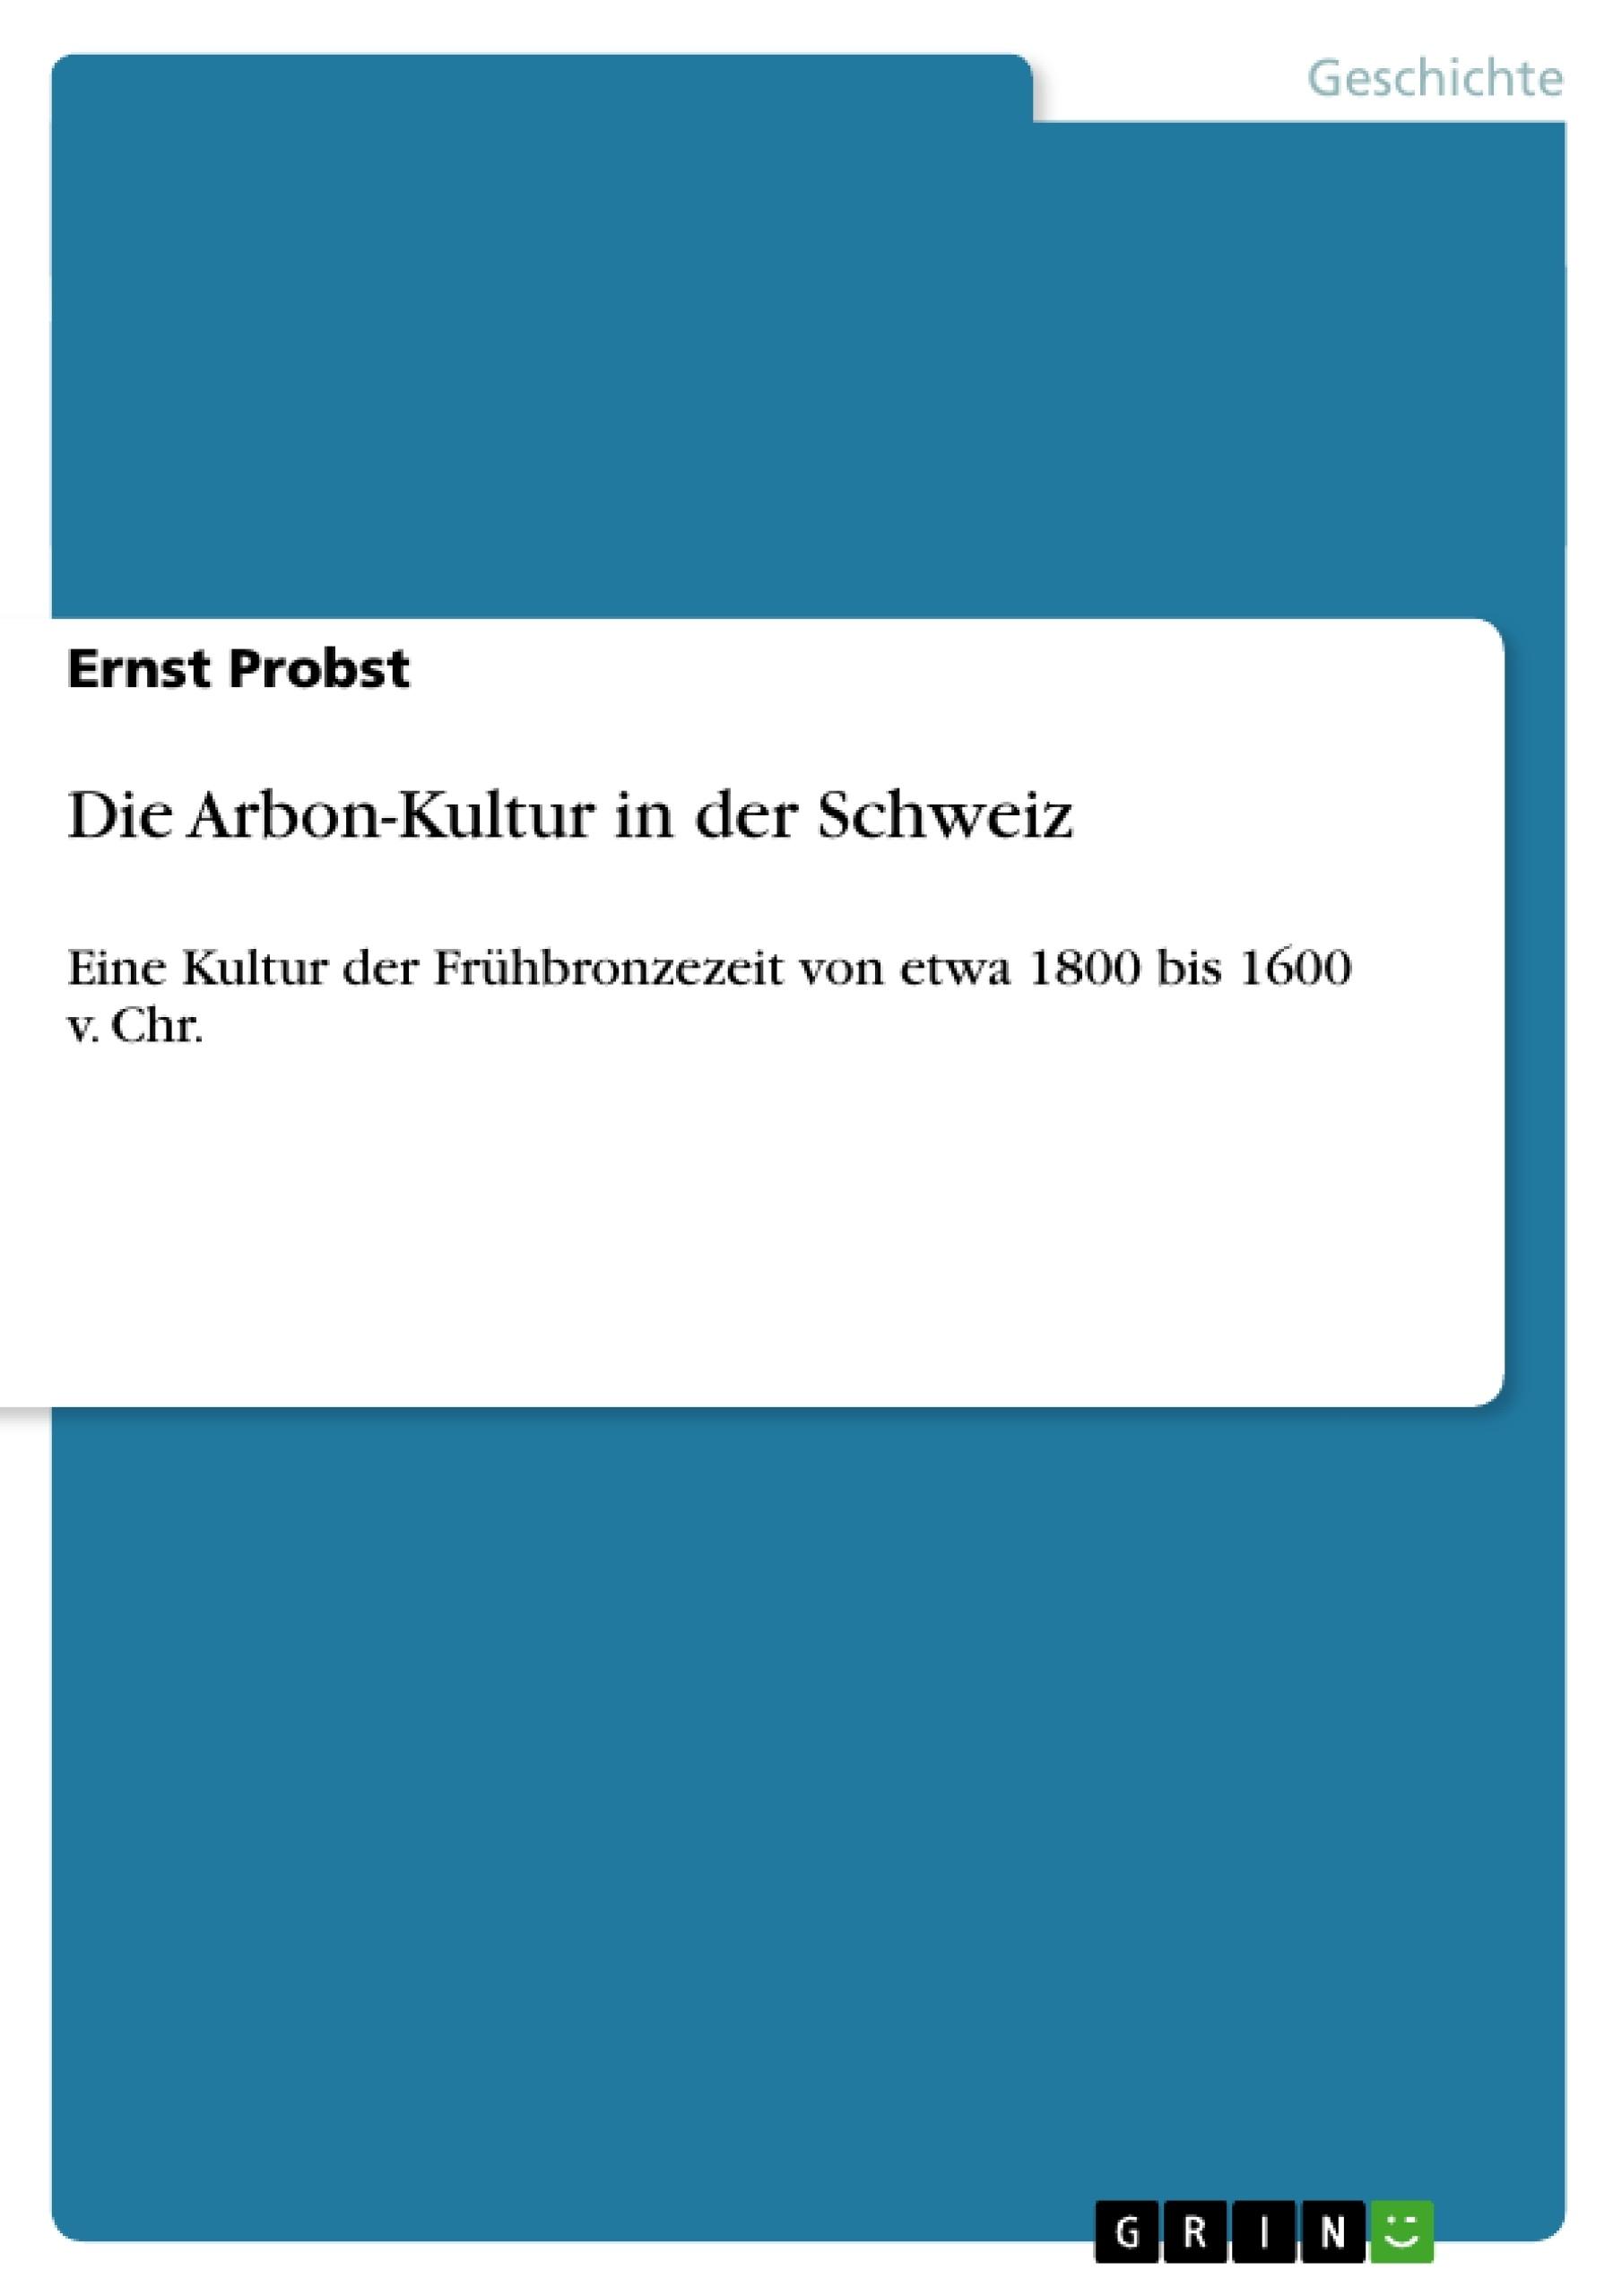 Titel: Die Arbon-Kultur in der Schweiz